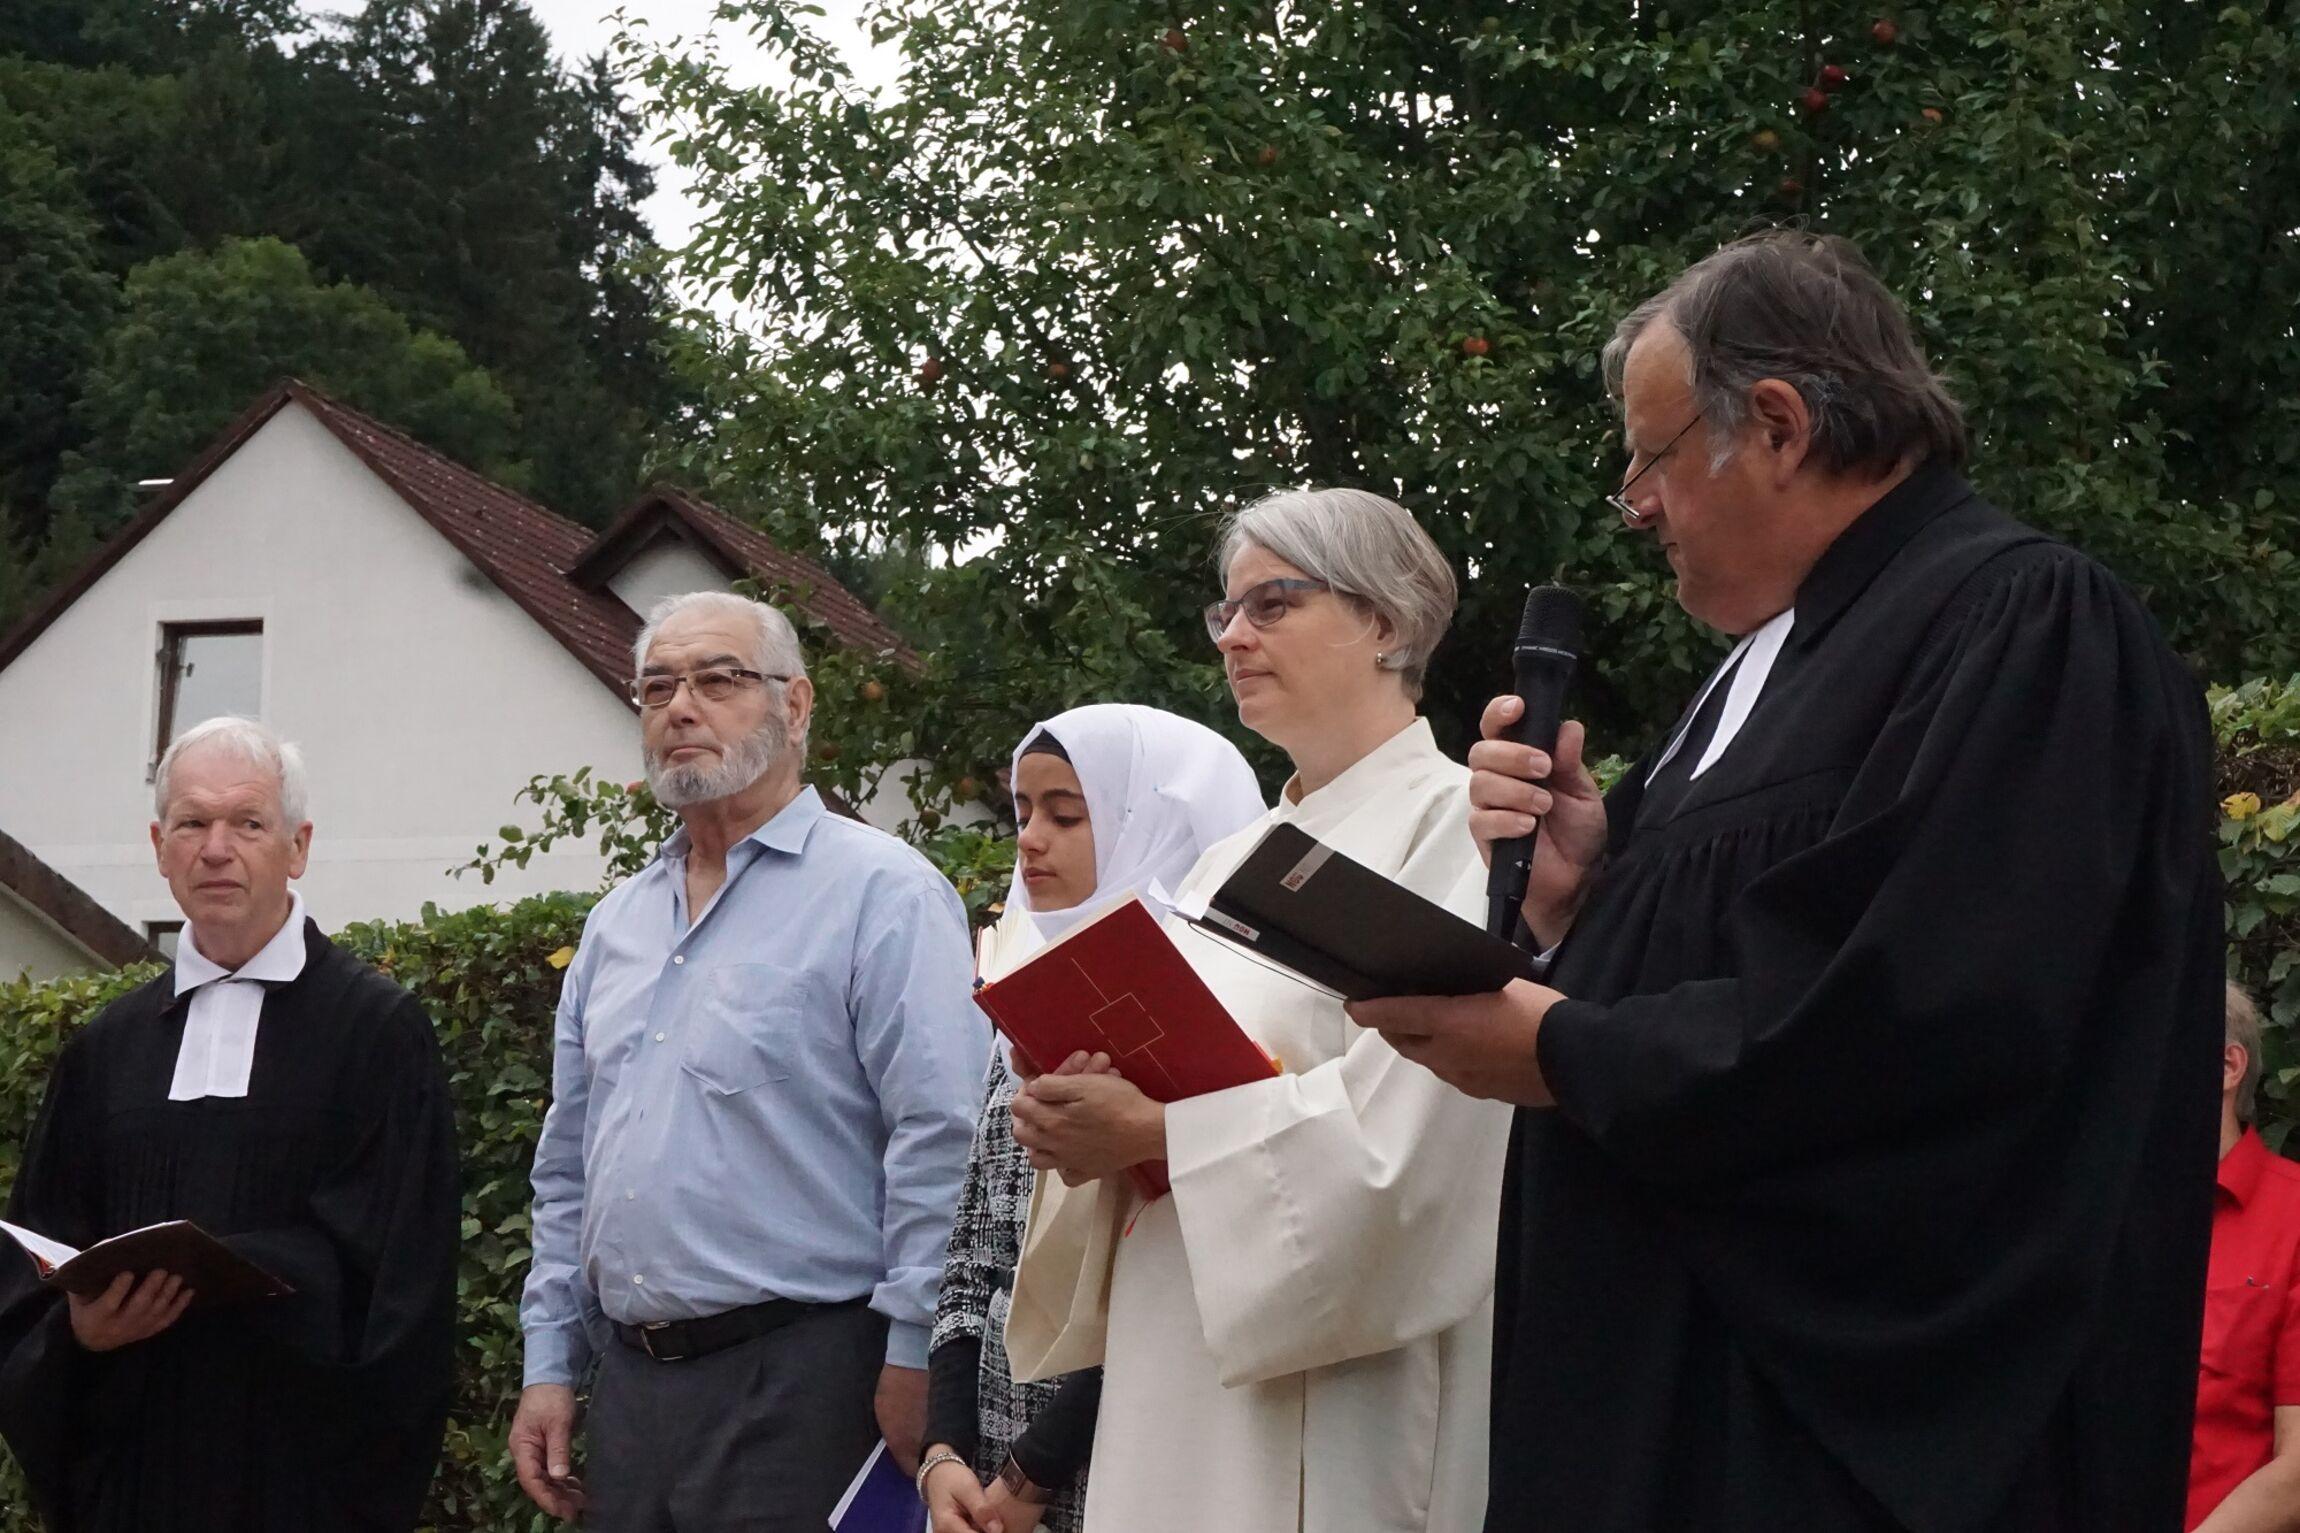 Die Vertreter der unterschiedlichen Religionen beim Friedensgebet.